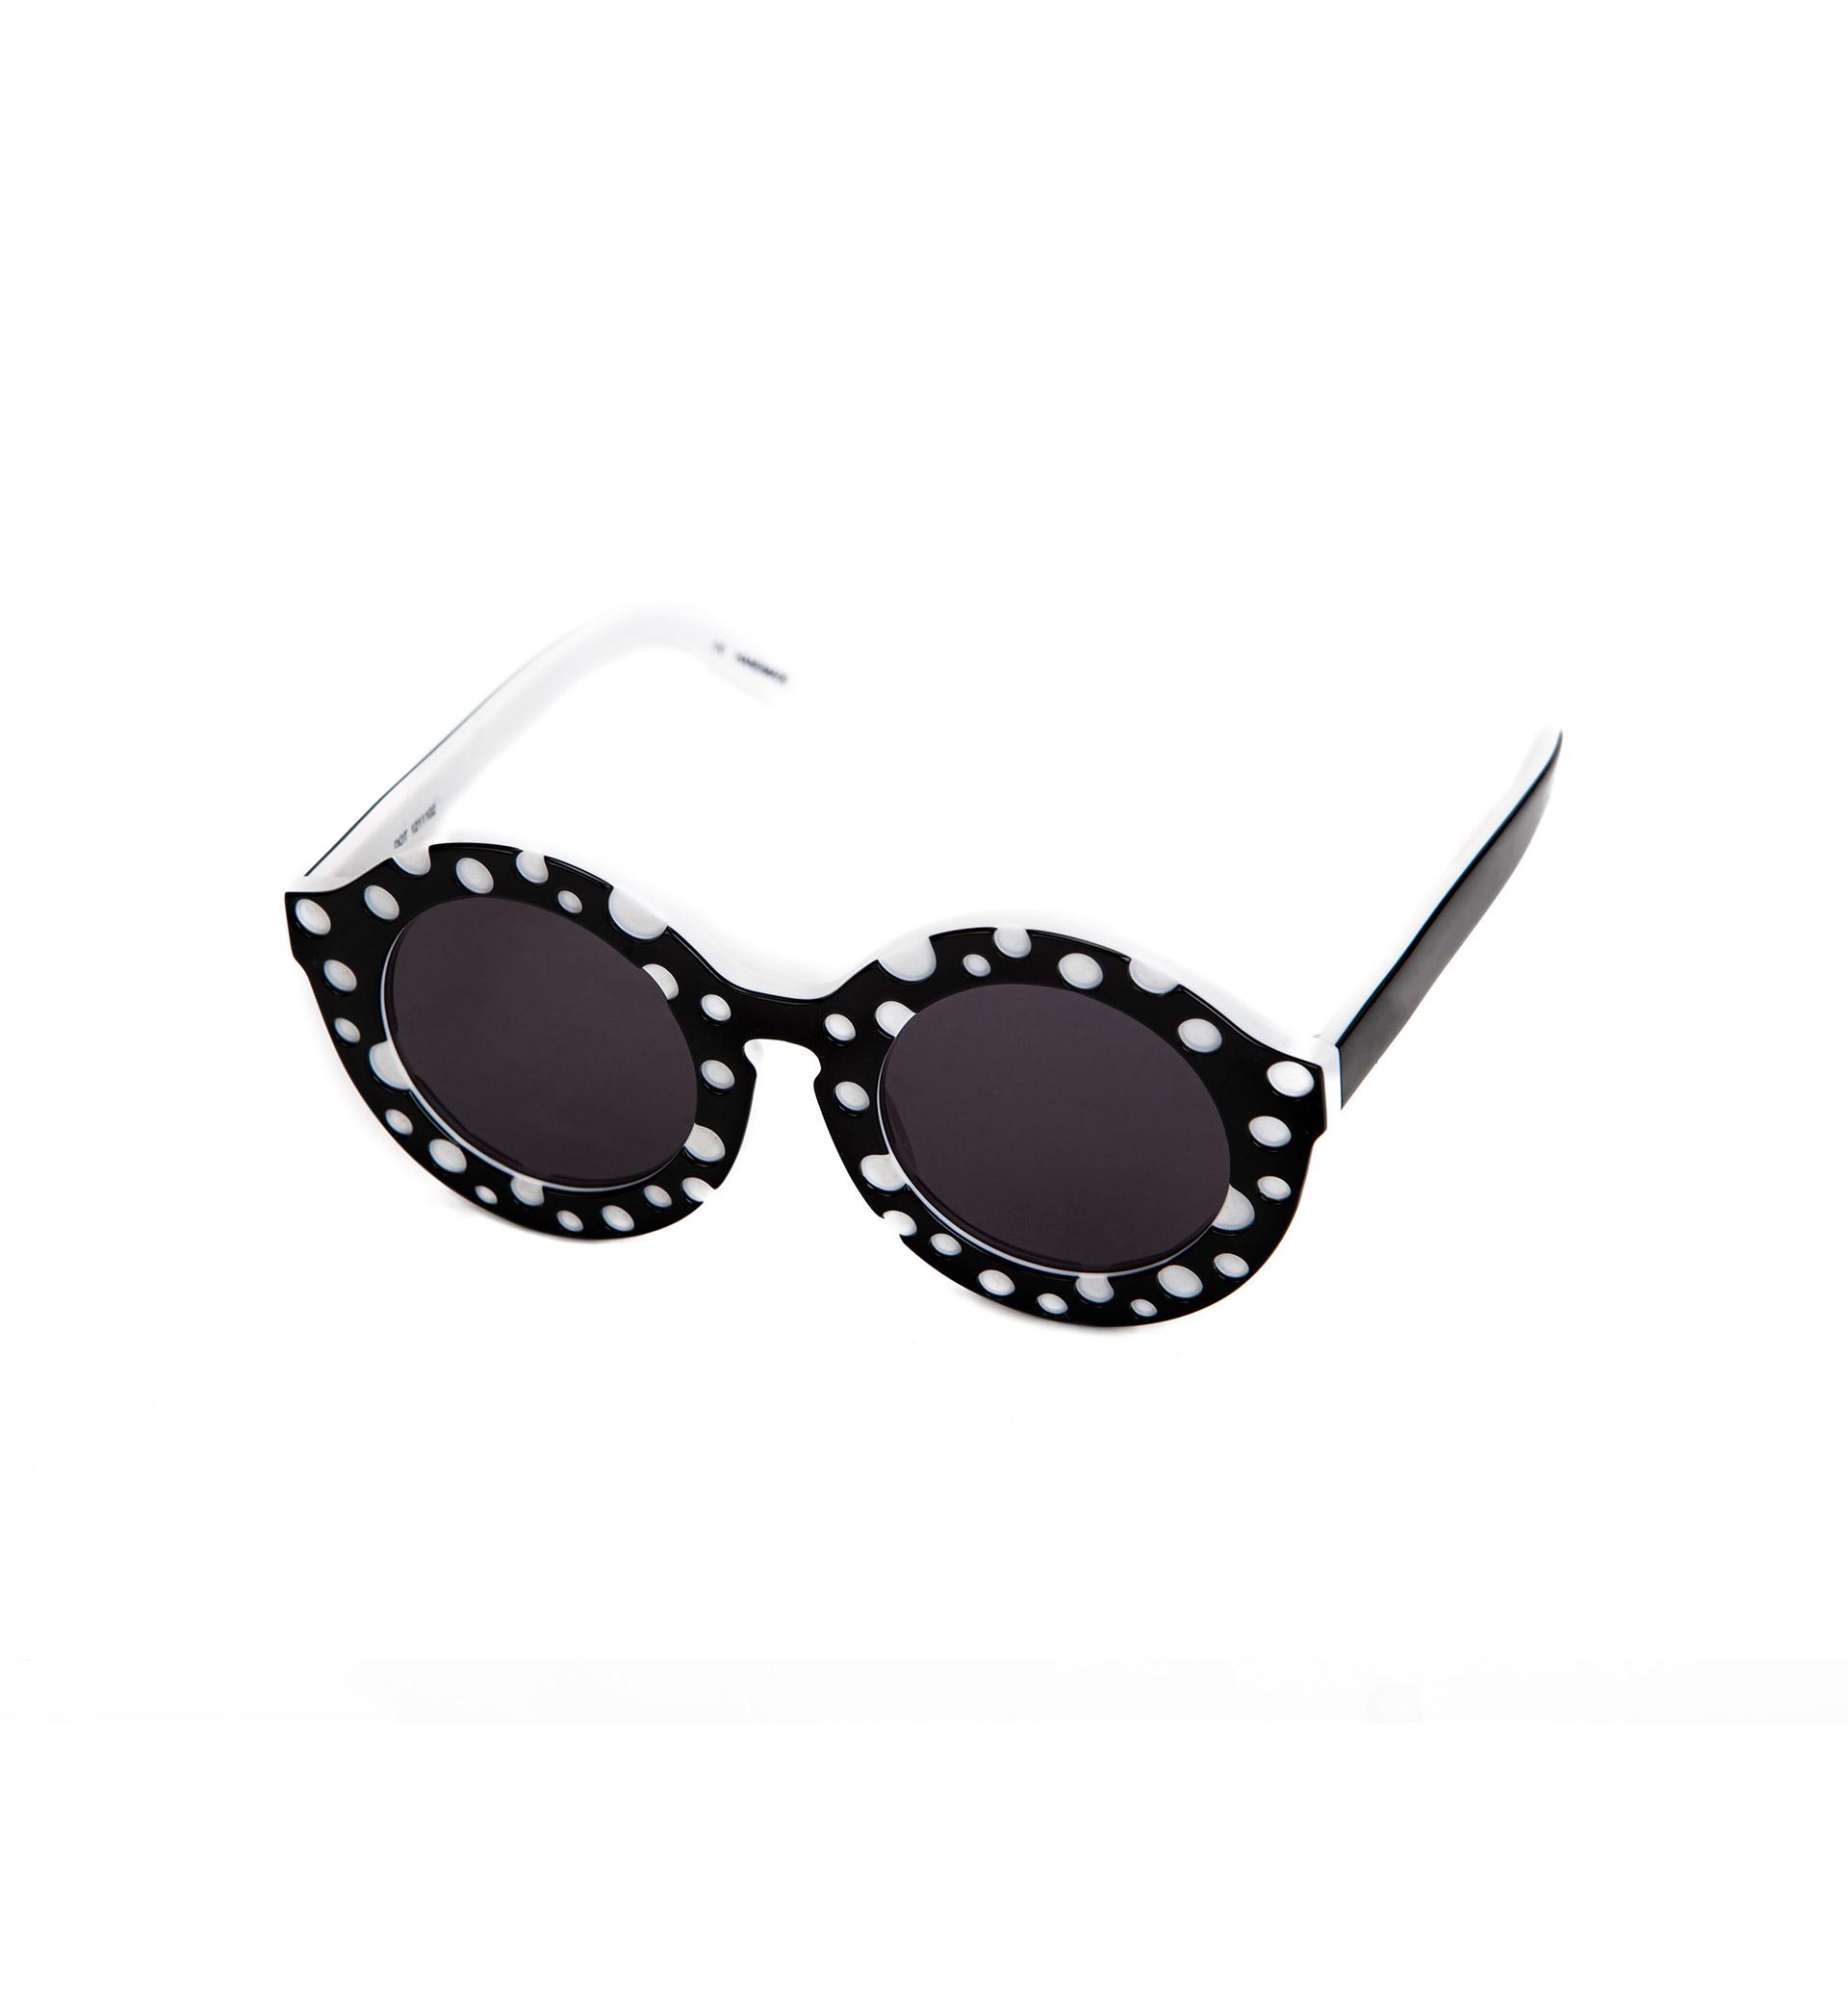 黑白波点边框眼镜